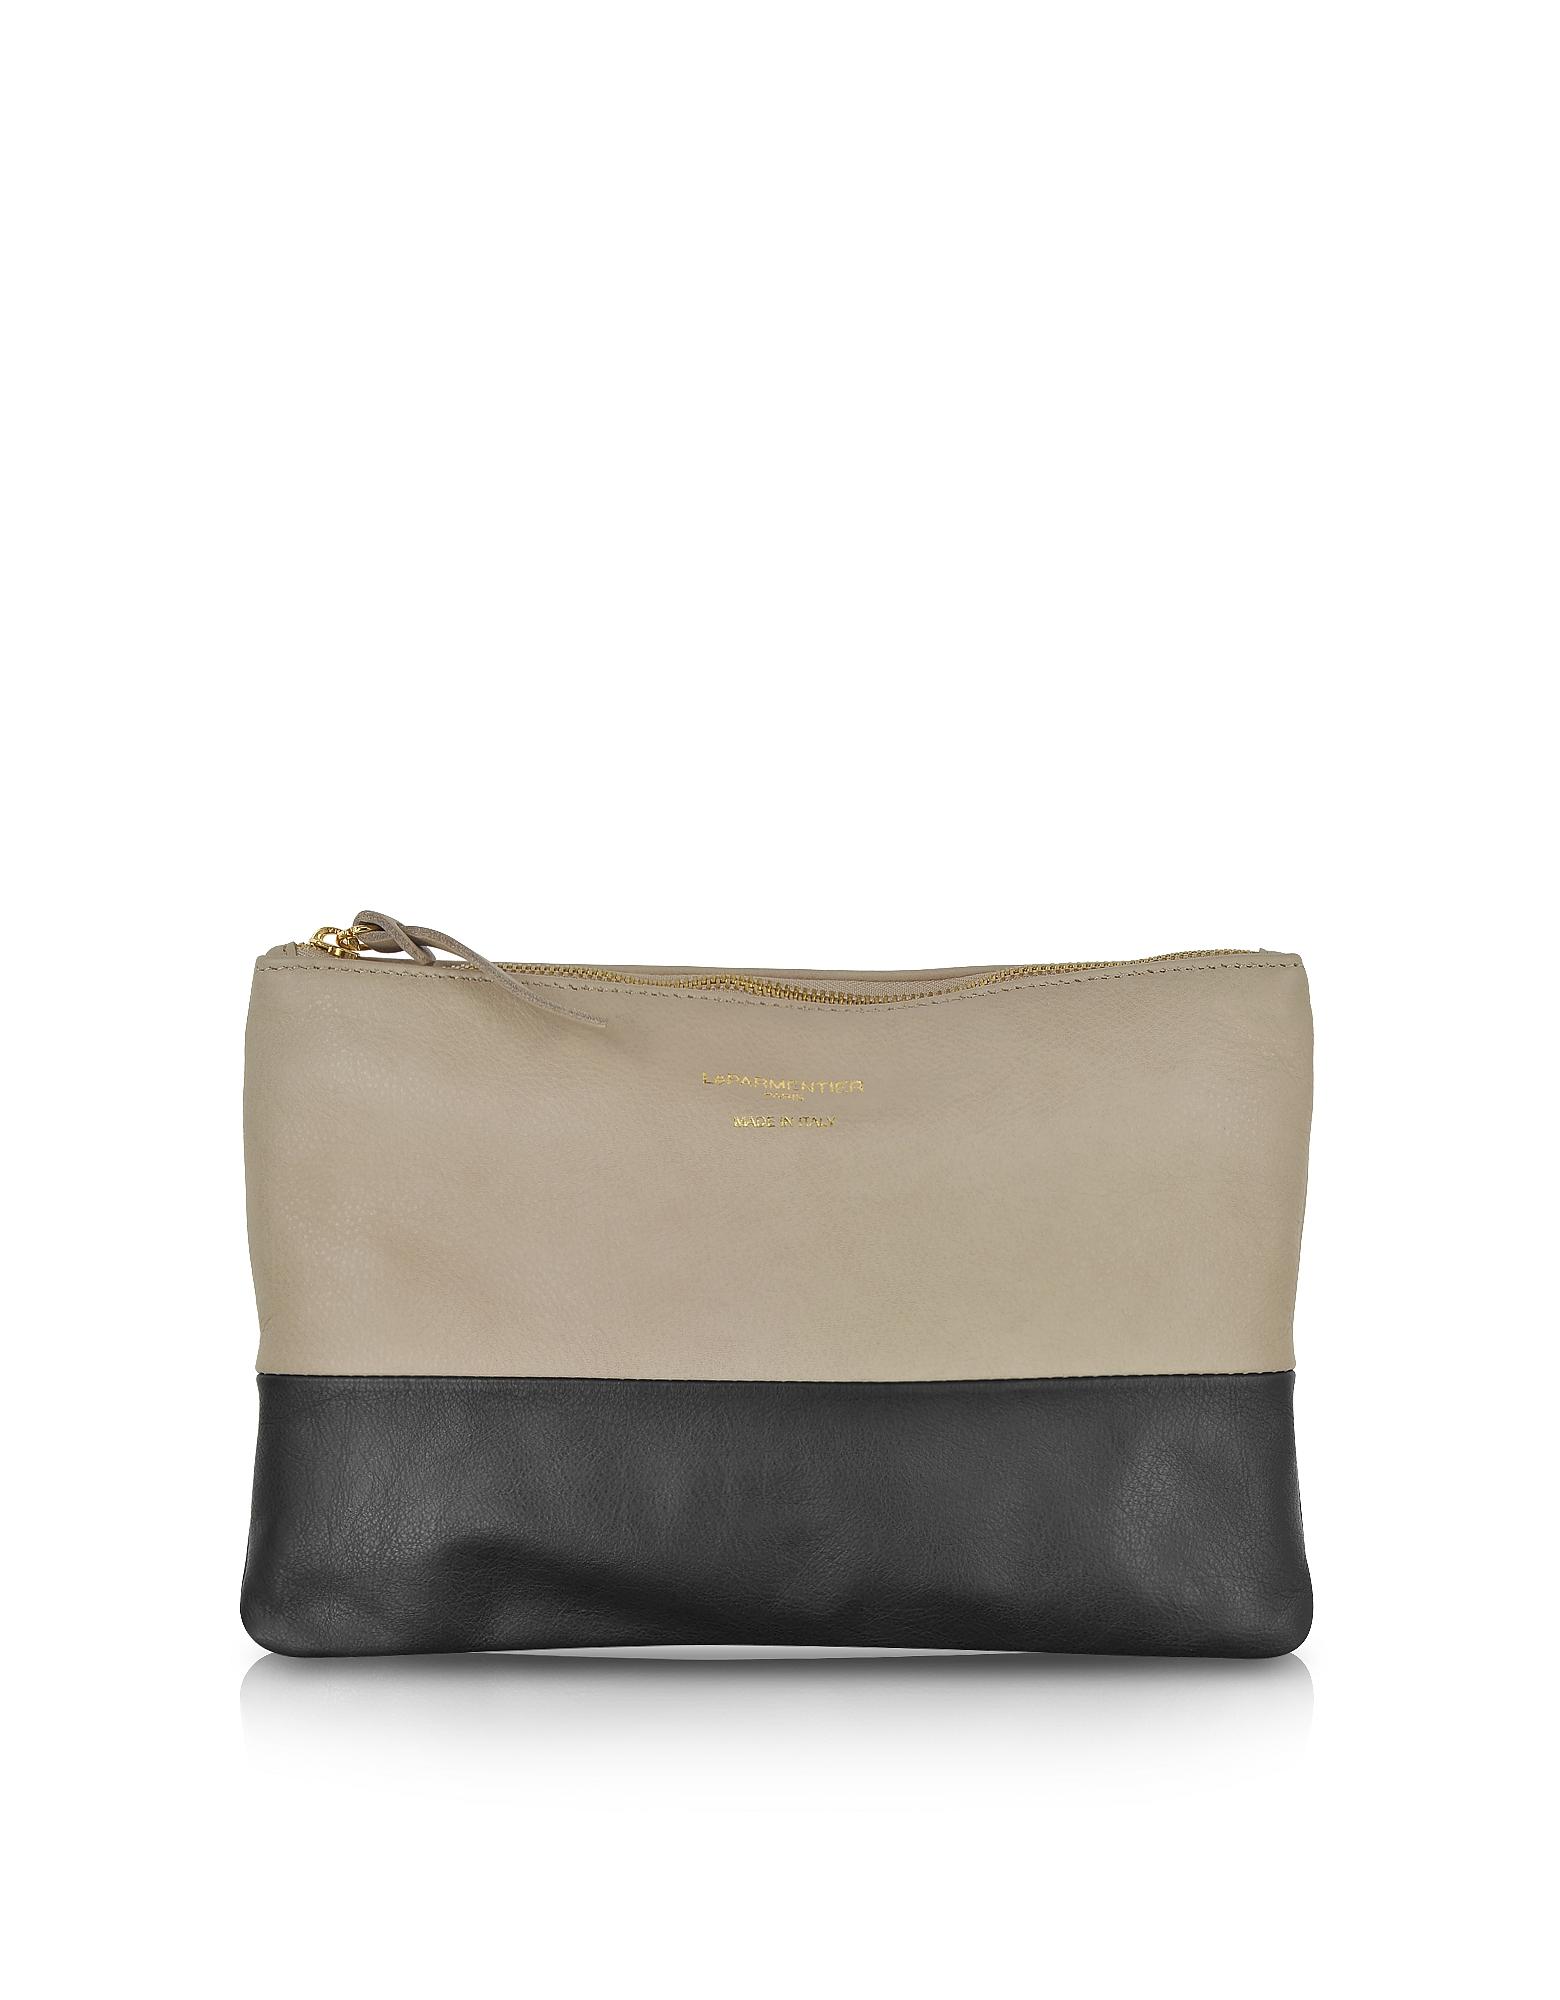 Le Parmentier Handbags, Color Block Nappa Leather Zip Pouch